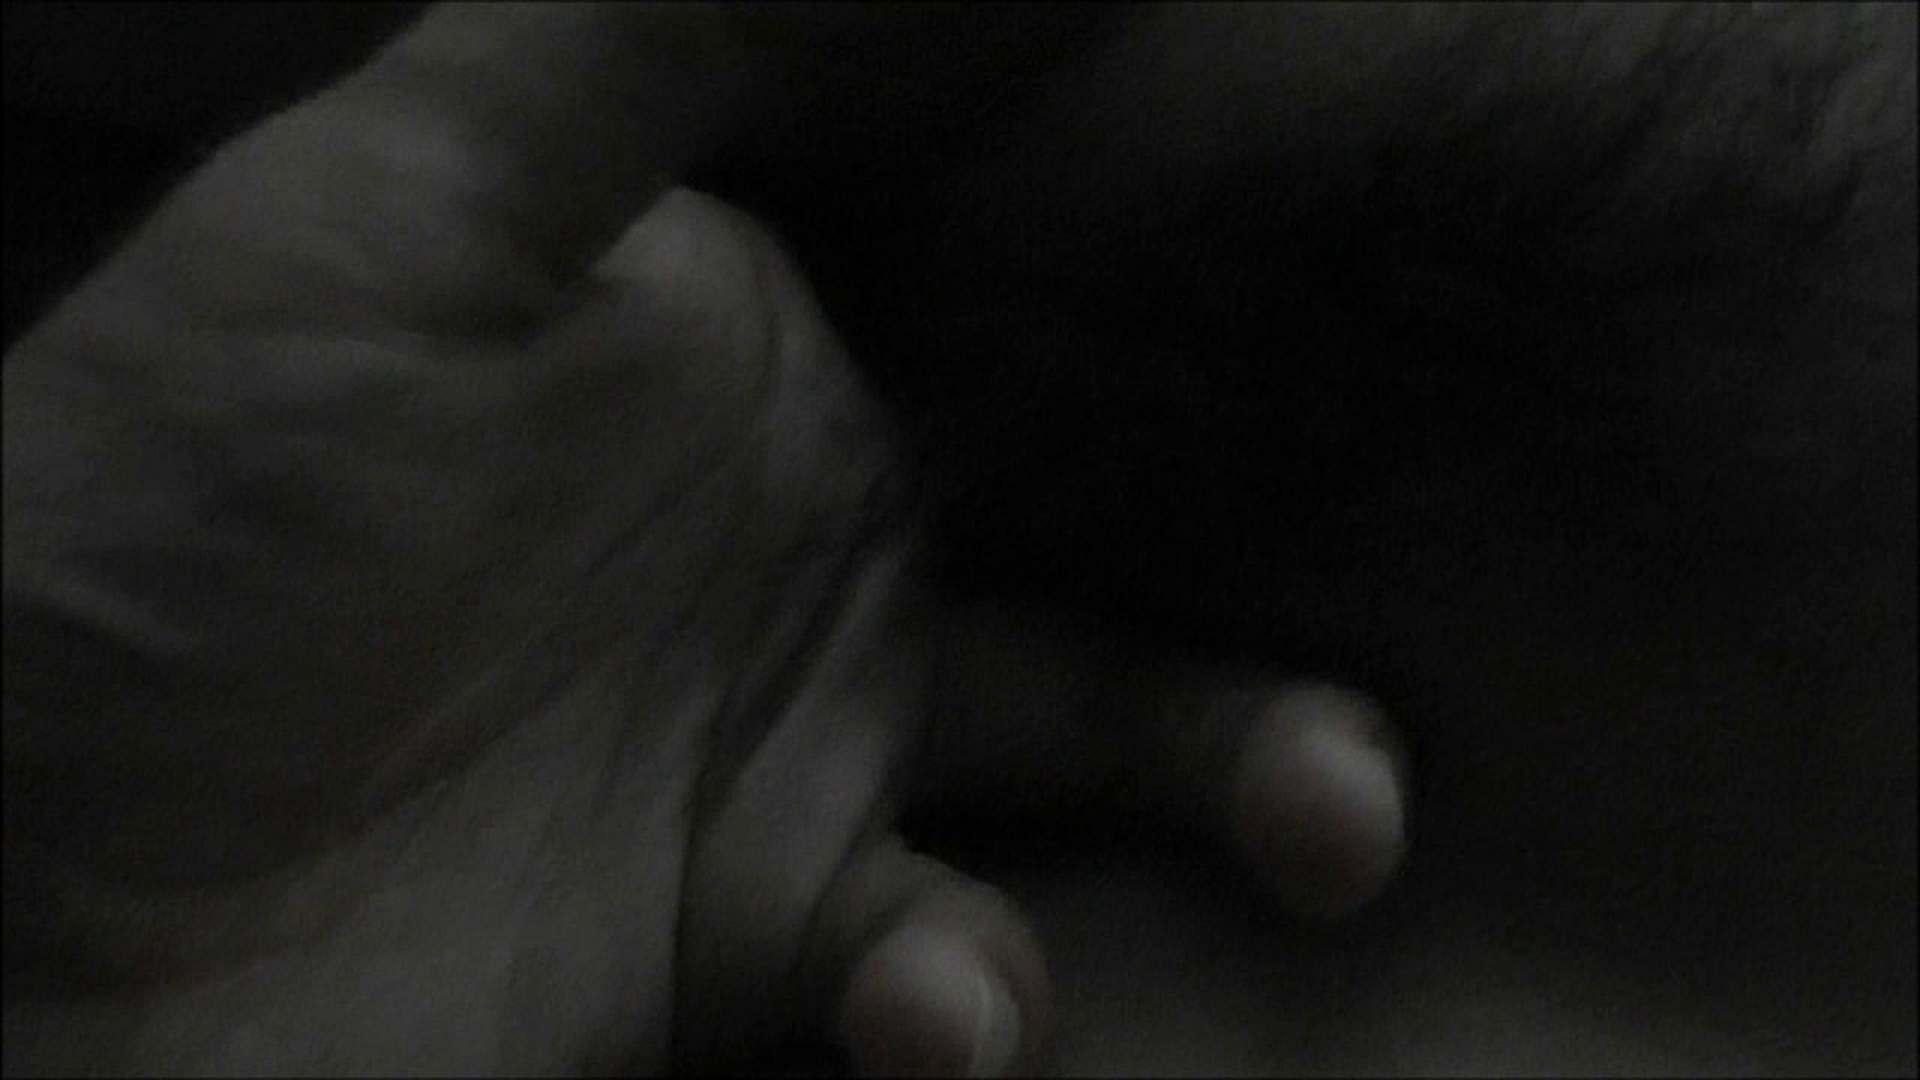 vol.3 ユリナちゃん、今日はよく魔法が効いてるようでした。 いじくり AV動画キャプチャ 49画像 5